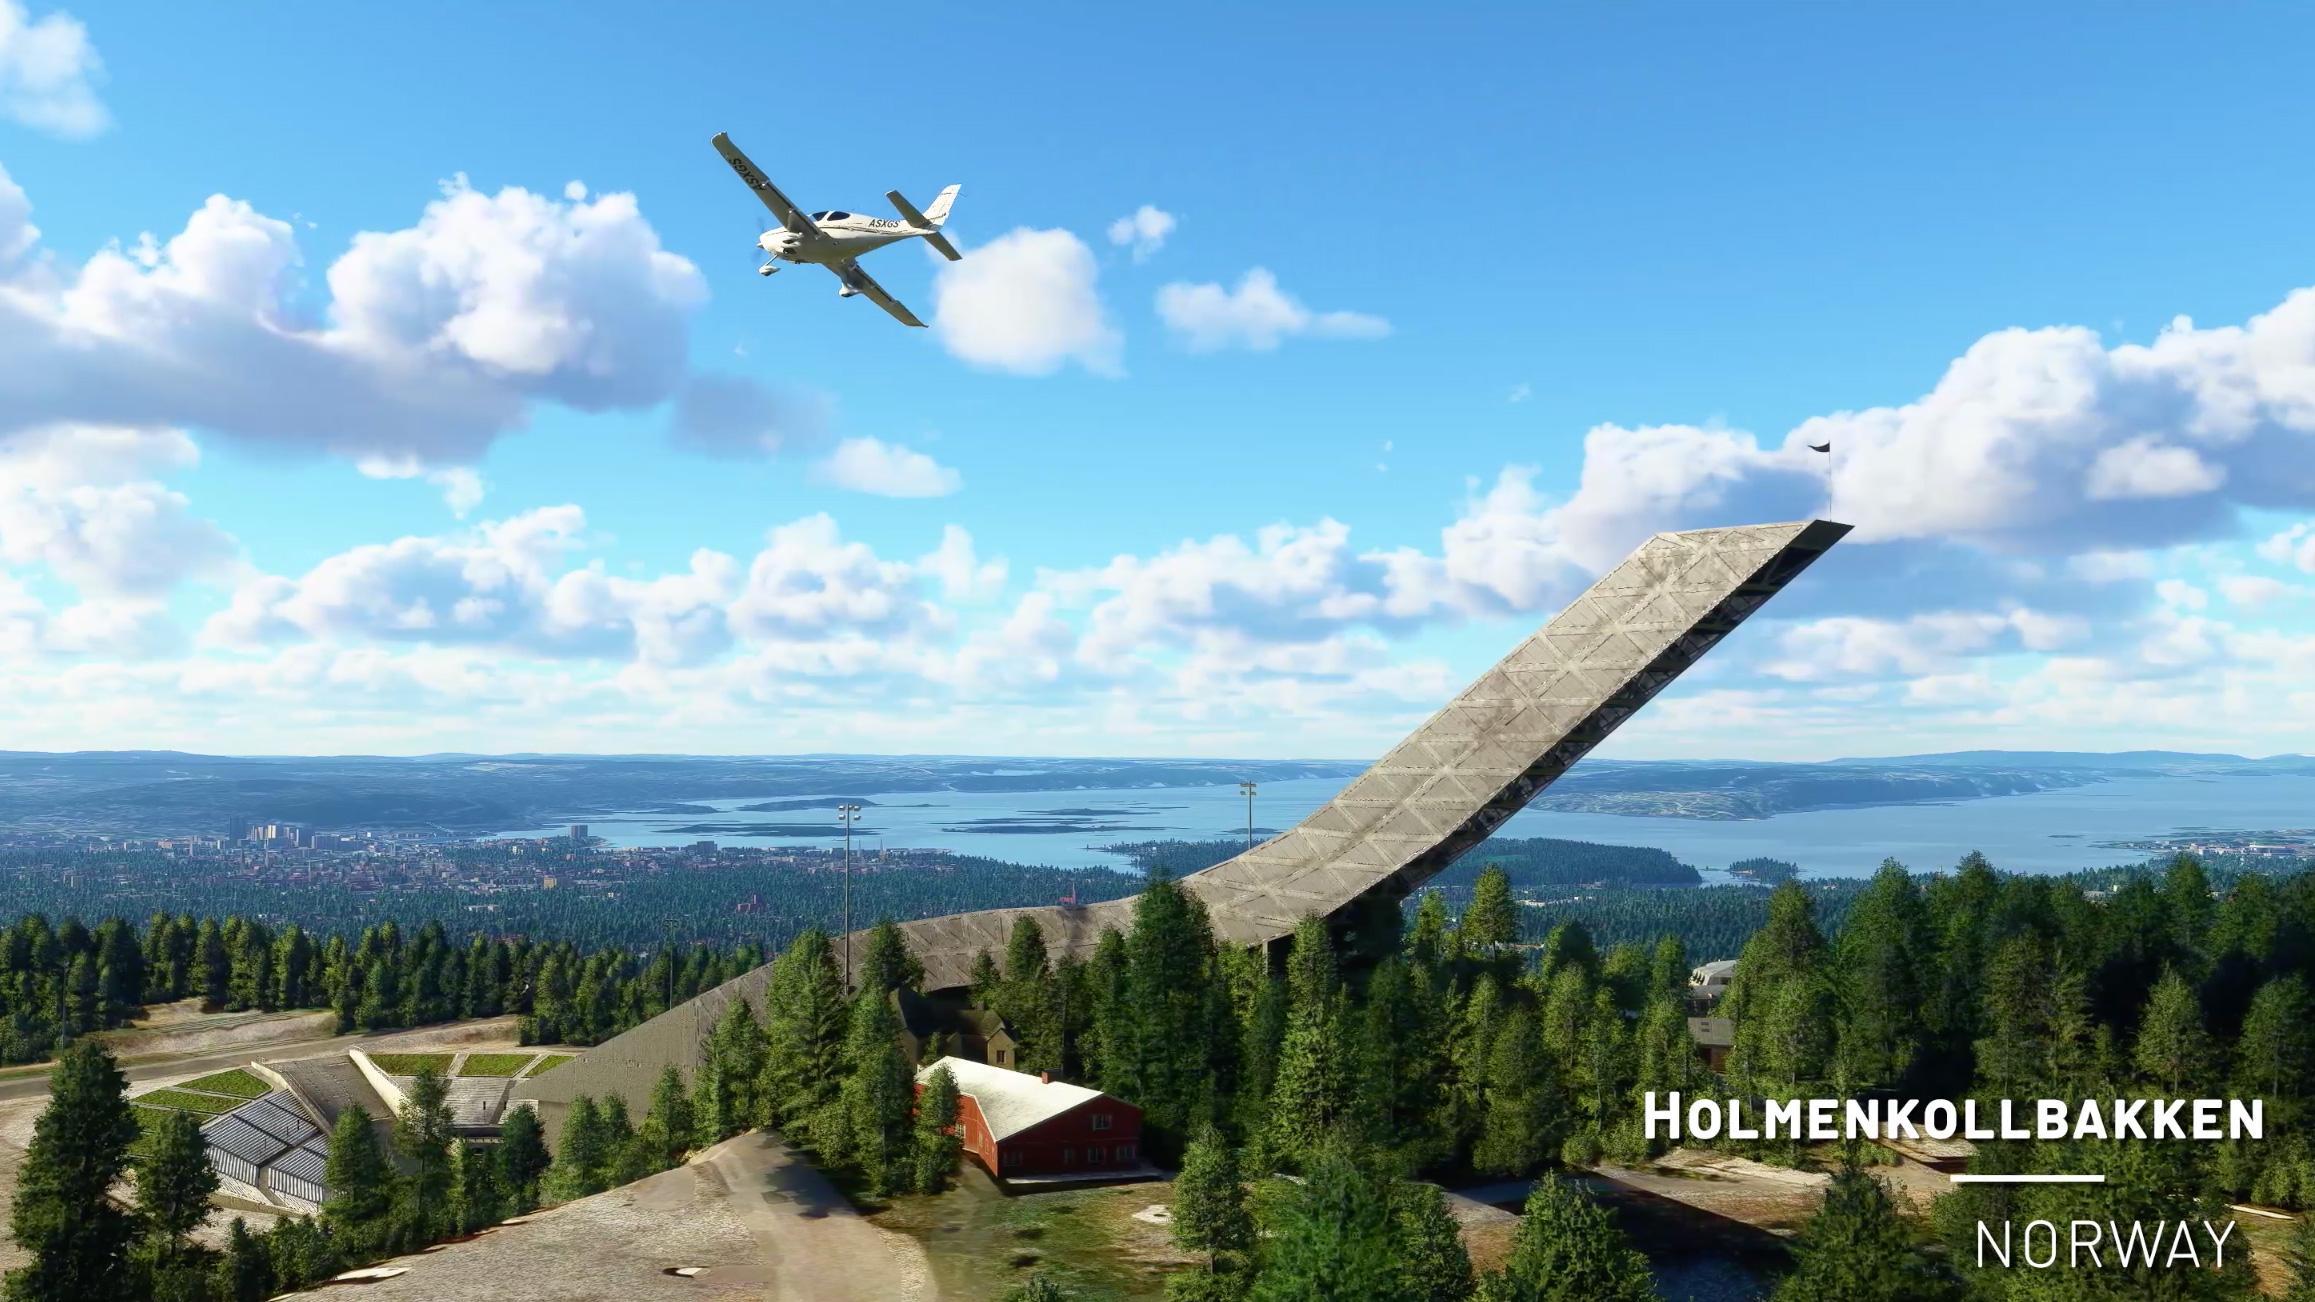 Holmenkollbakken stor først på lista til sjefen når Norge skulle oppgraderes.